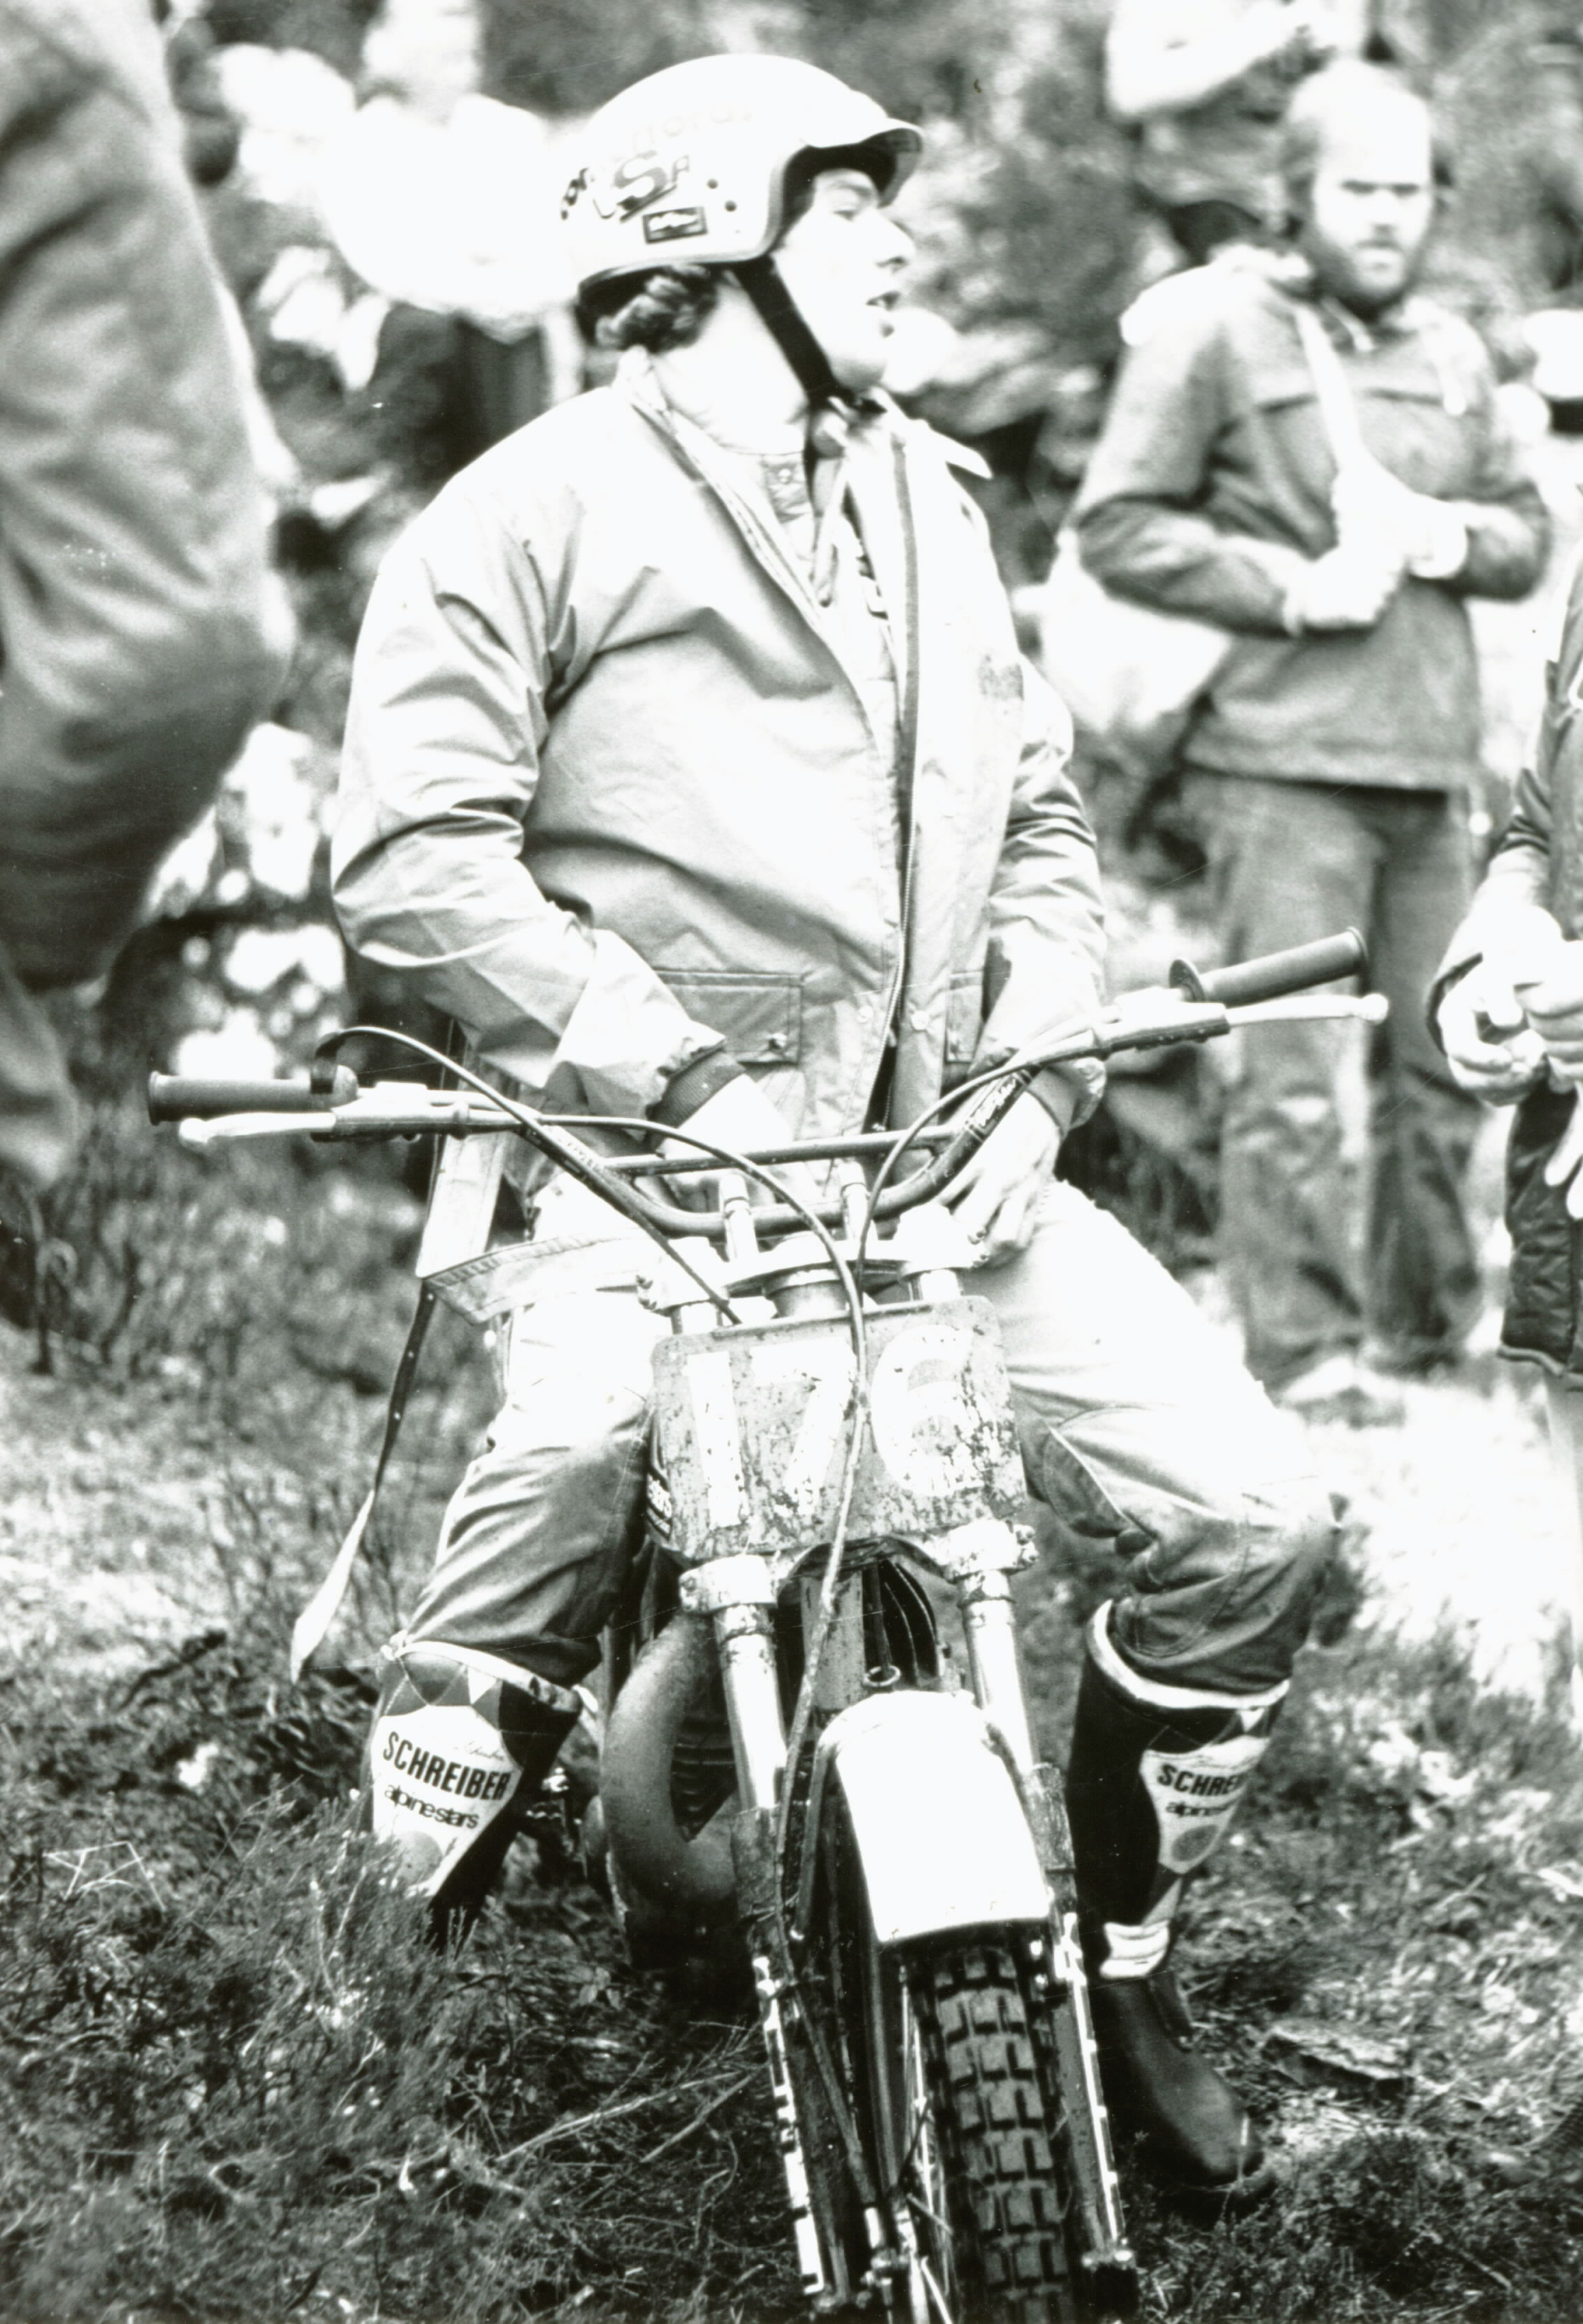 Bernie Schreiber - Achlain SSDT 1980 - JH